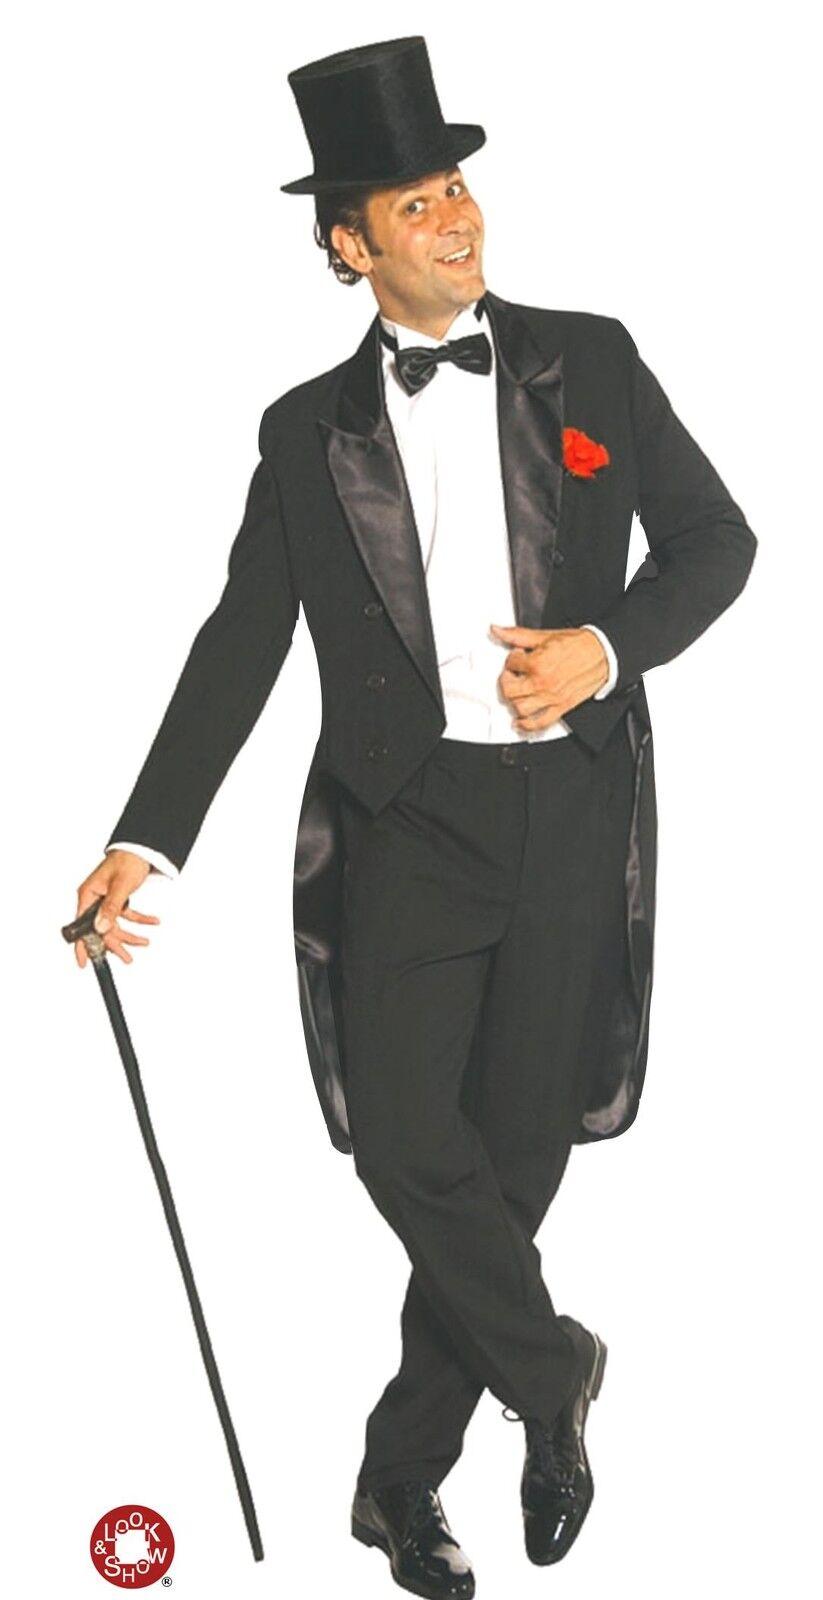 Matrimonio In Frac : Frac uomo elegante completo nero evento spettacolo ballo